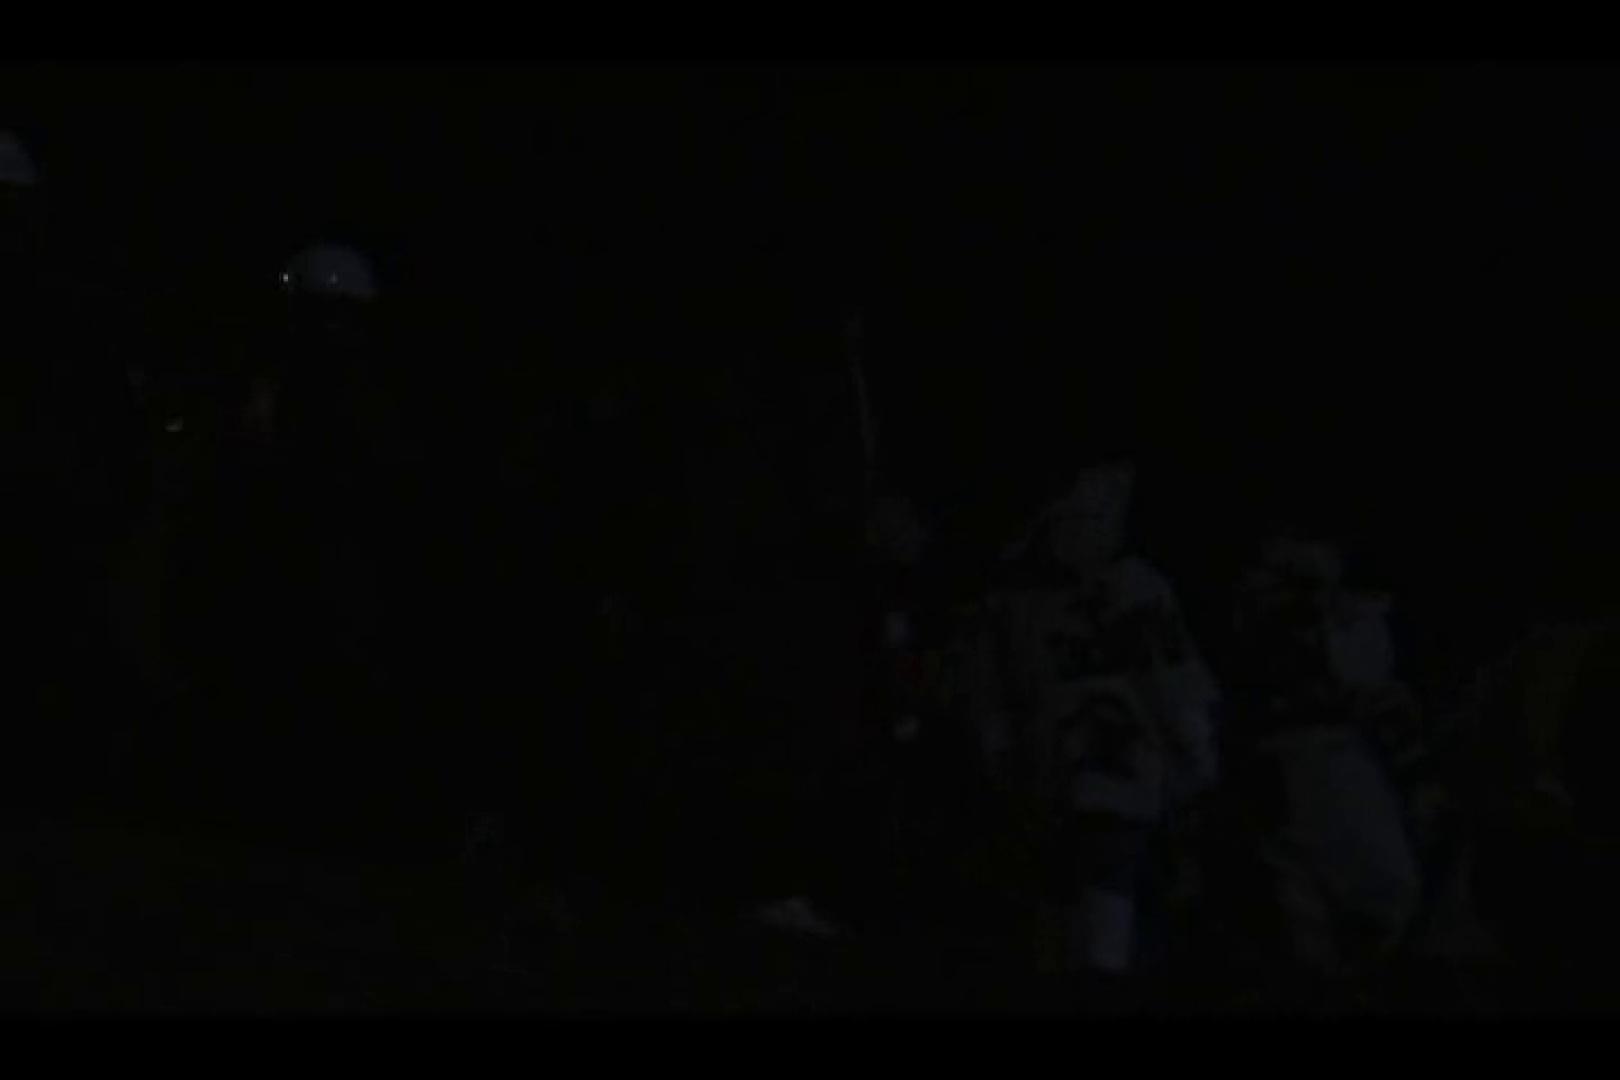 鳥羽の火祭り 3000K!高画質バージョンVOL.03 ドラマ ゲイ丸見え画像 84枚 29